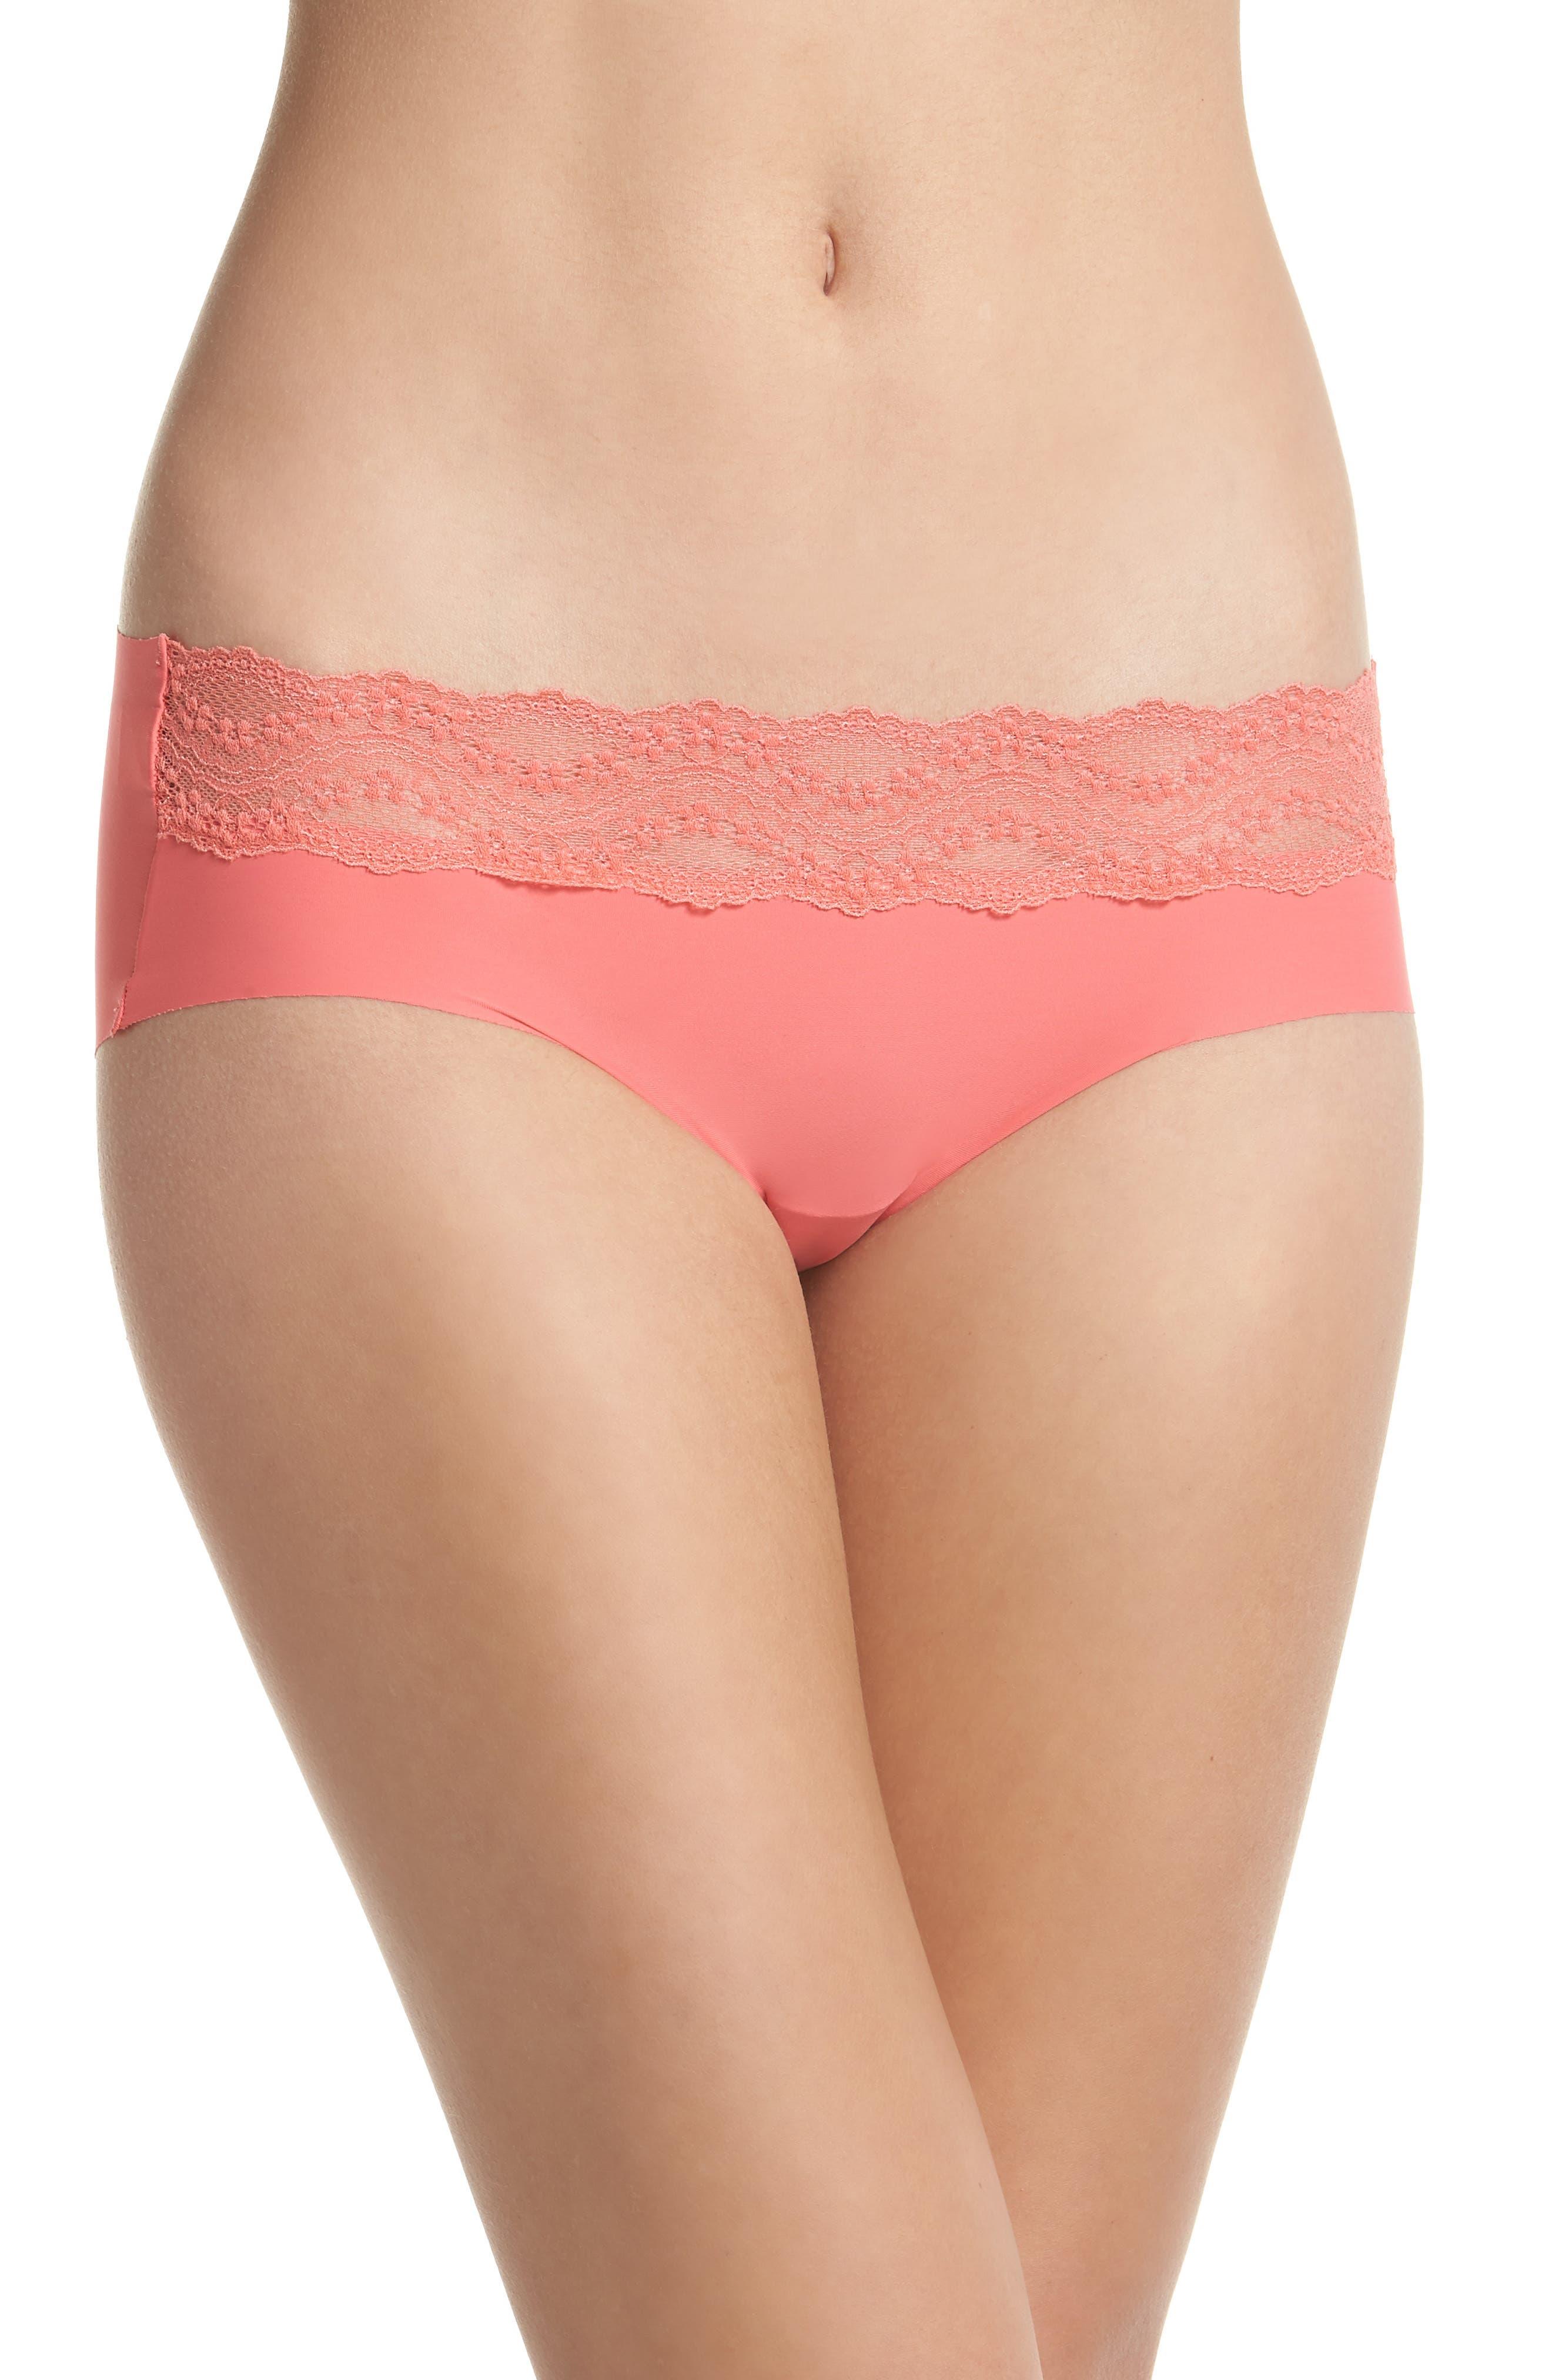 b.bare Hipster Panties,                             Main thumbnail 1, color,                             Calypso Coral